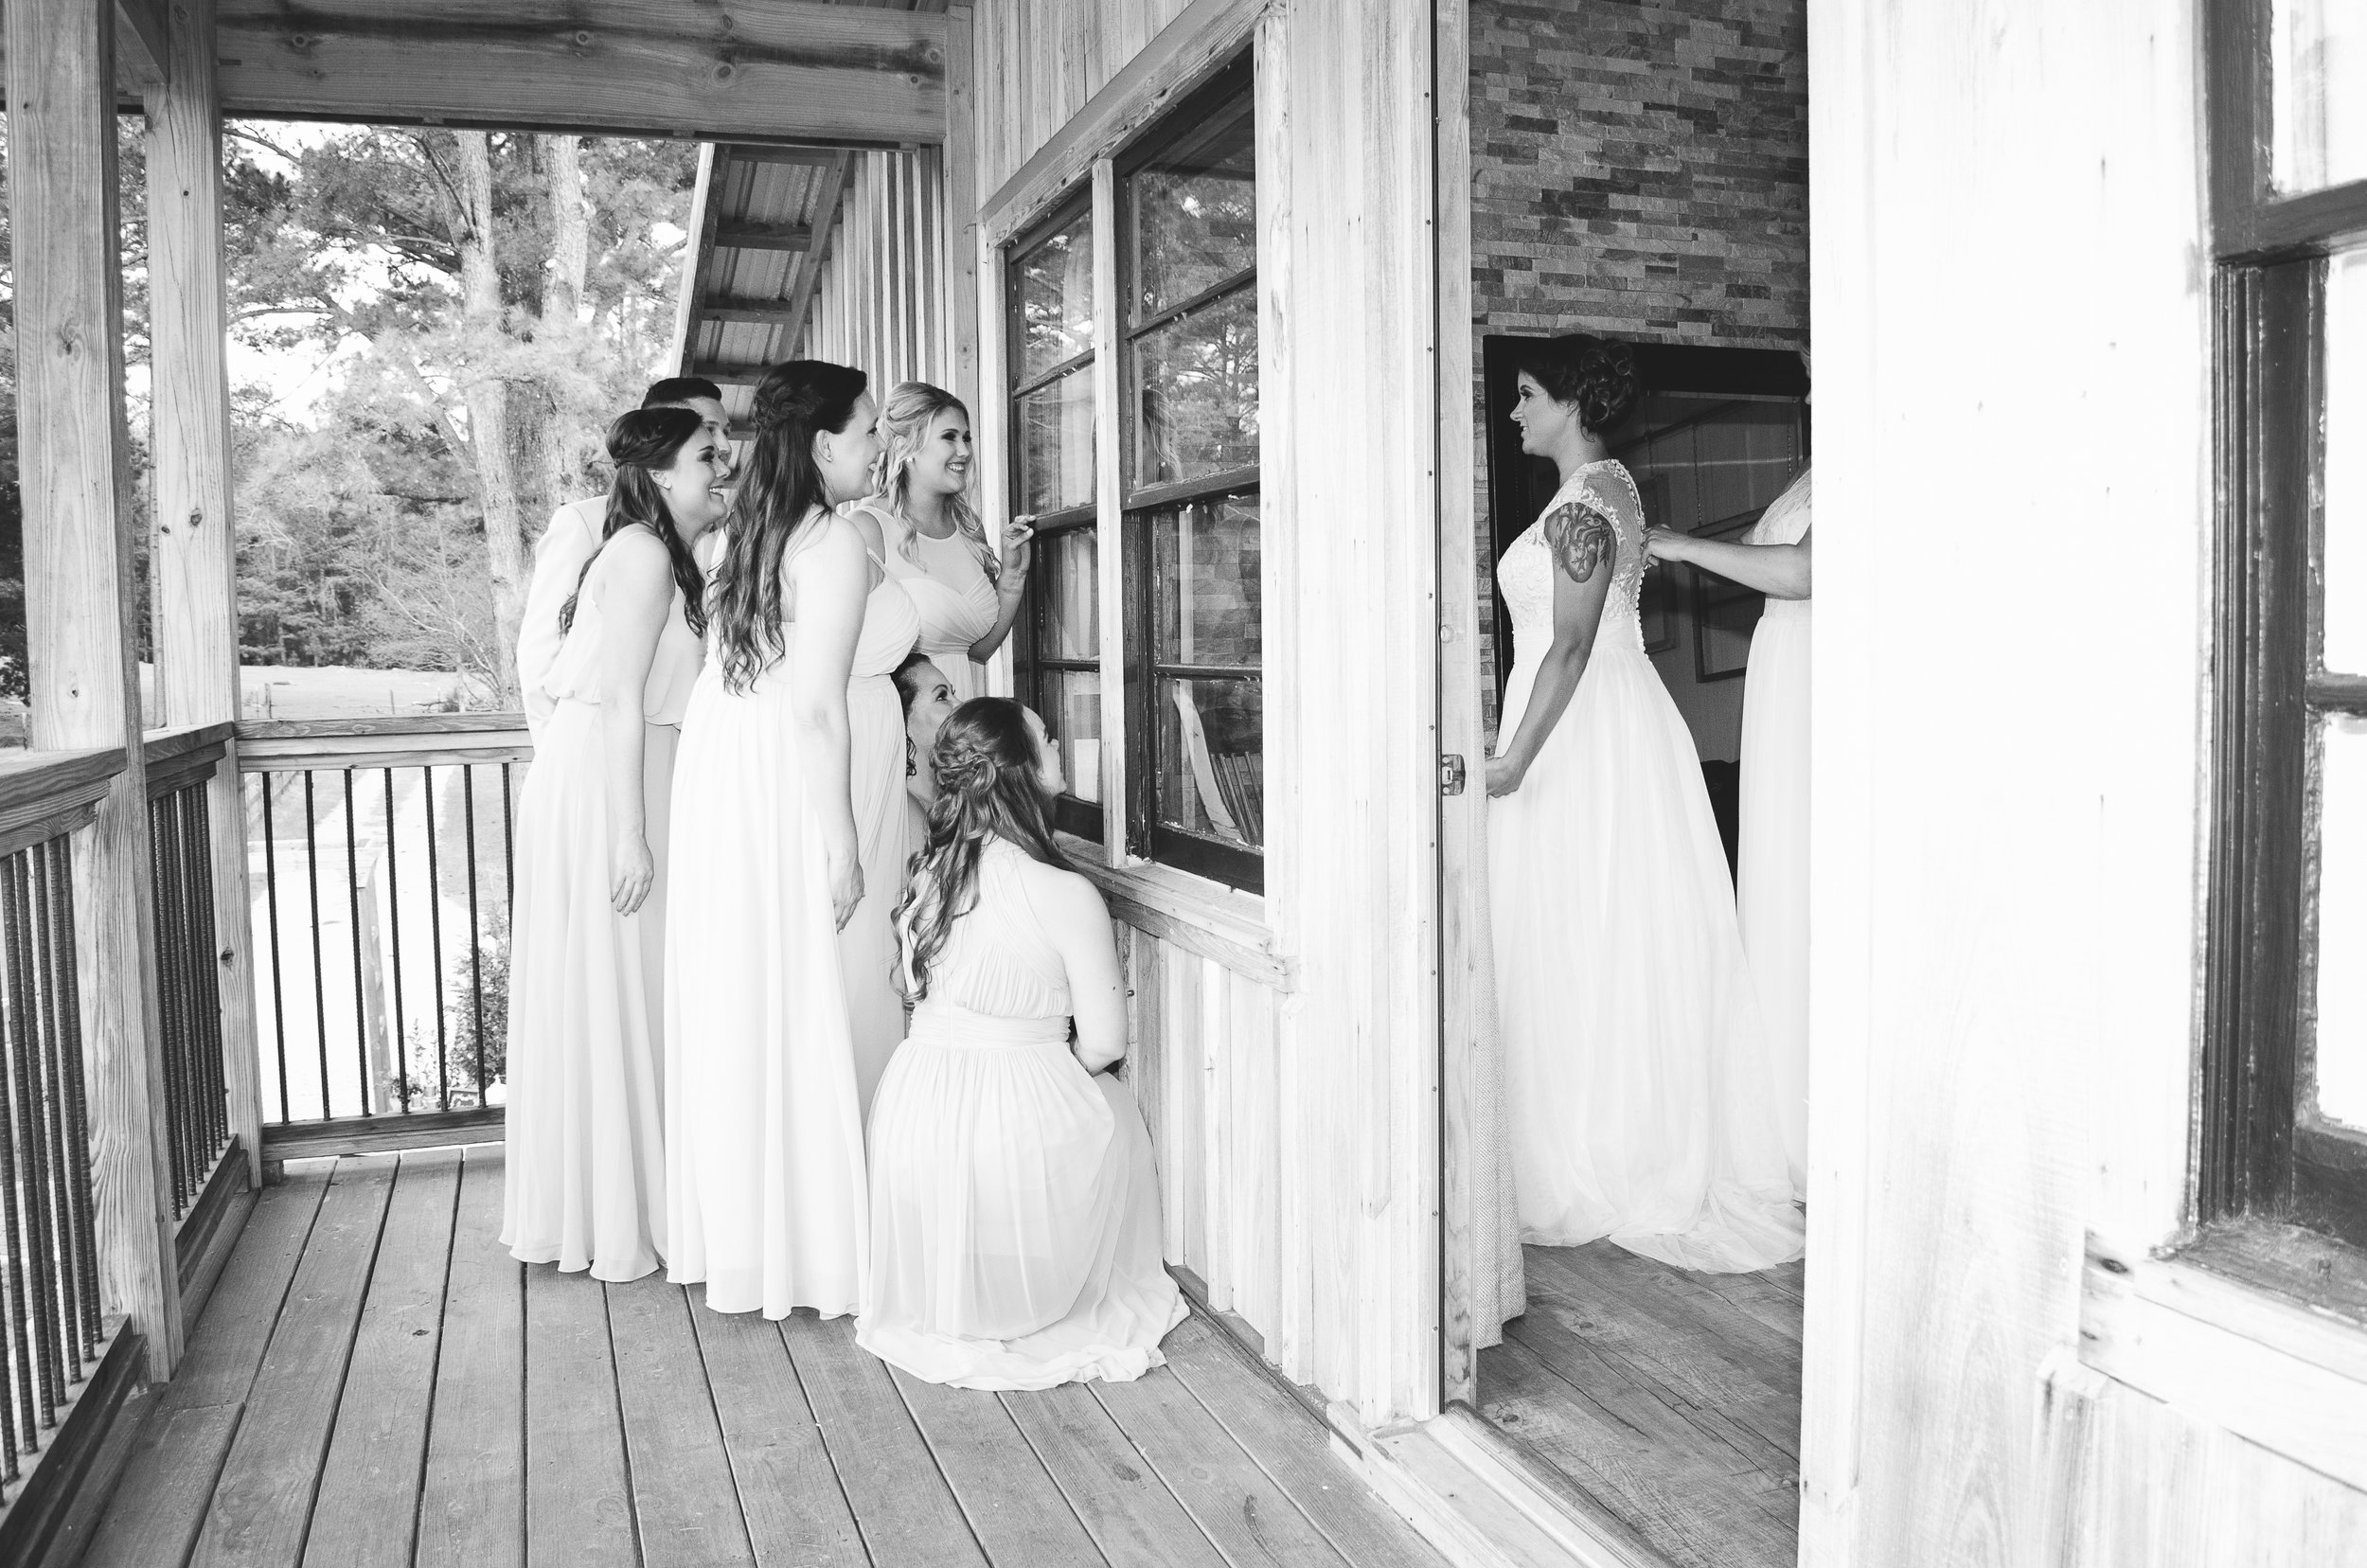 wedding couple photography mobile Alabama